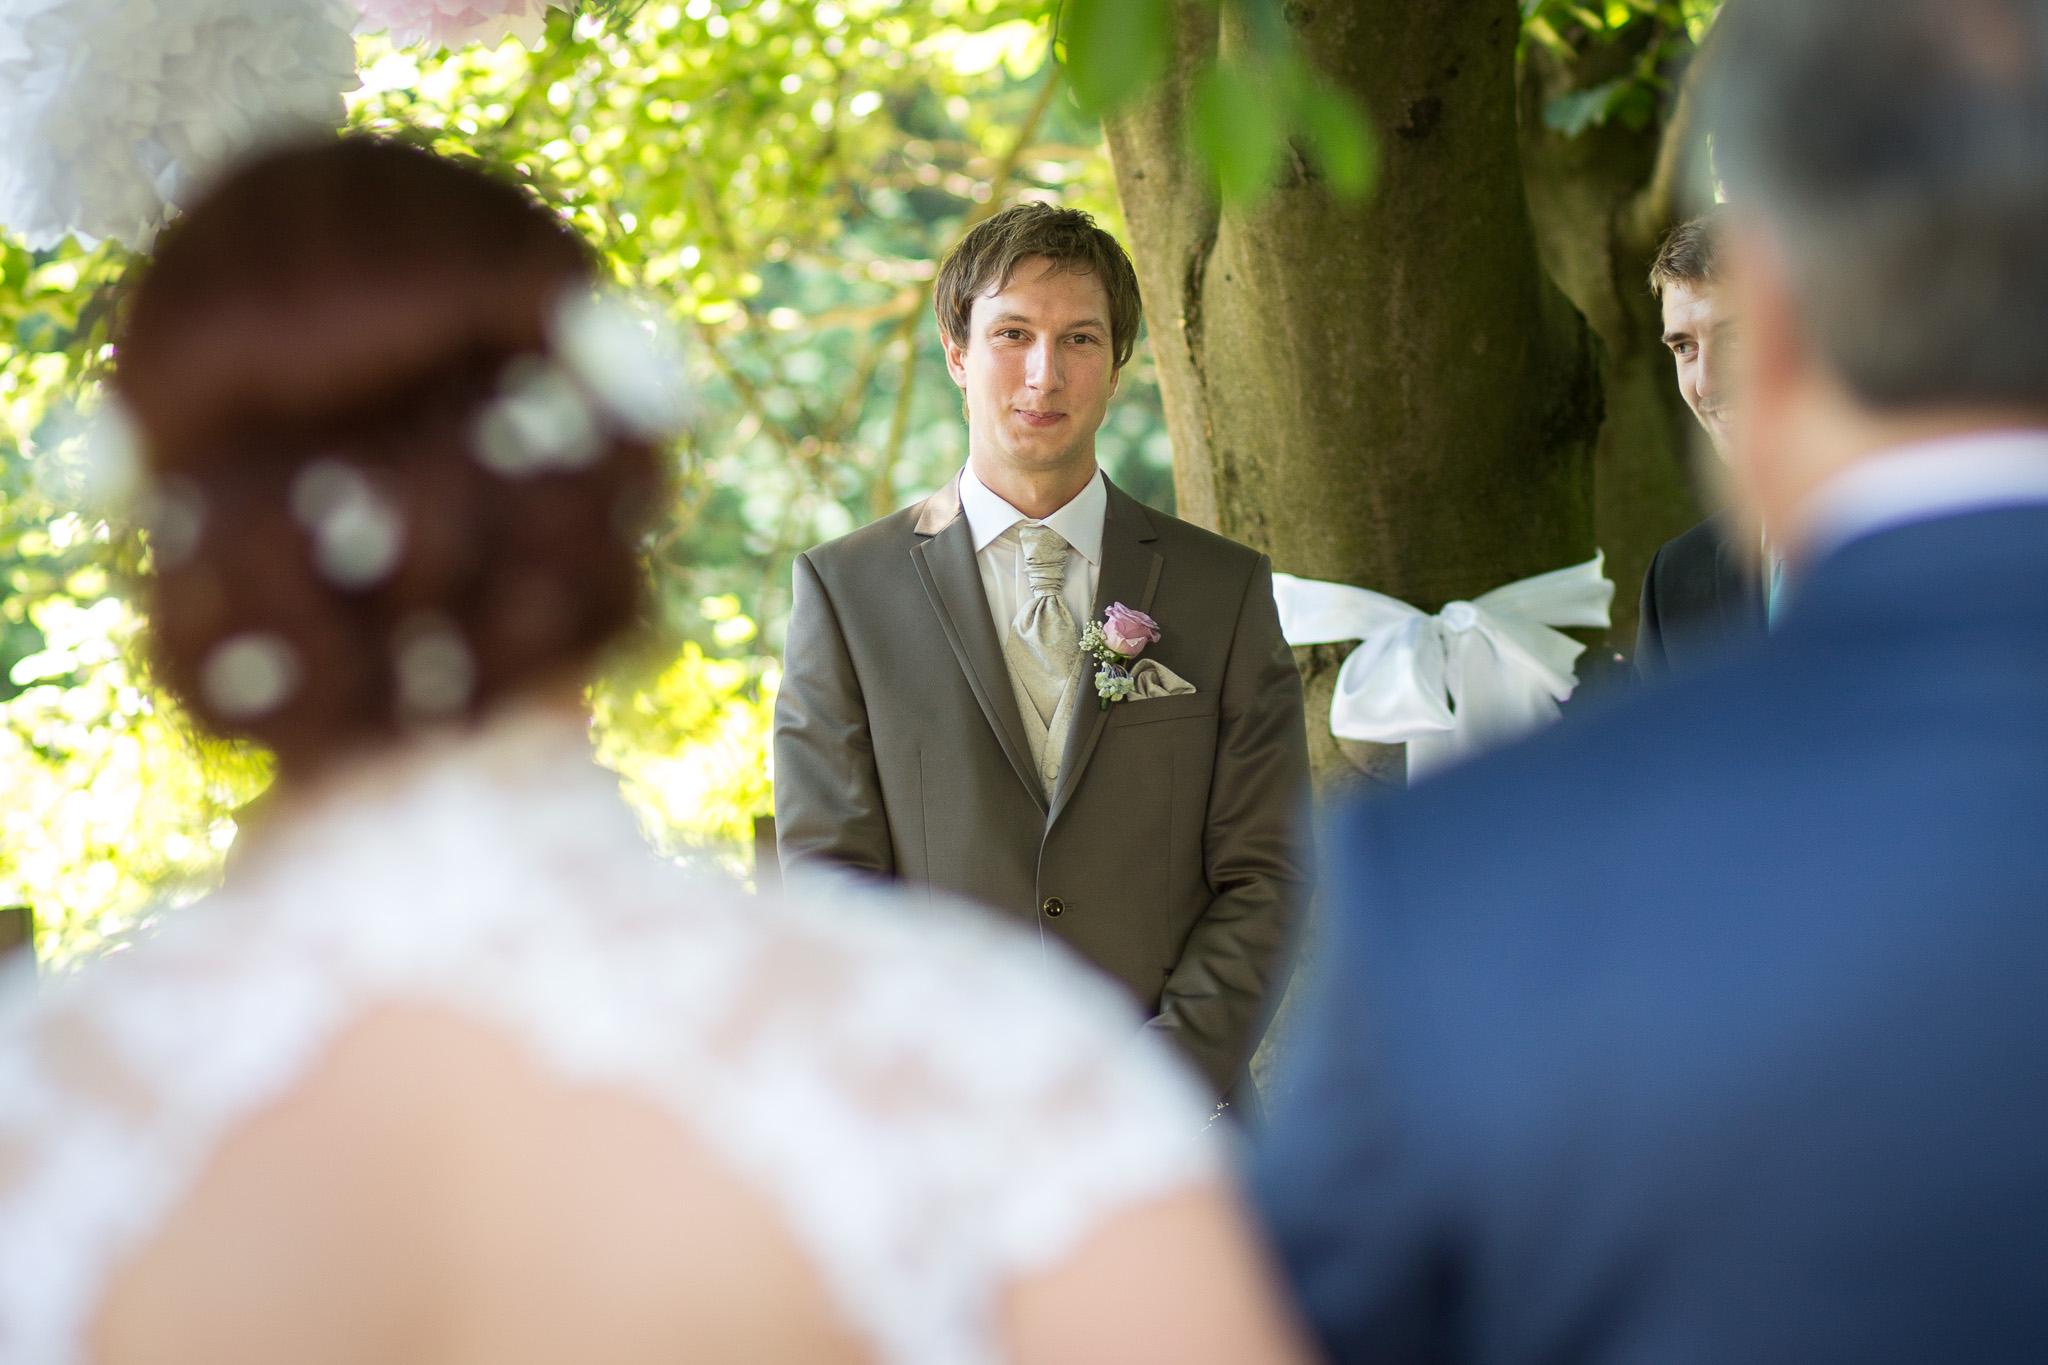 Hochzeit_M_T_023.jpg